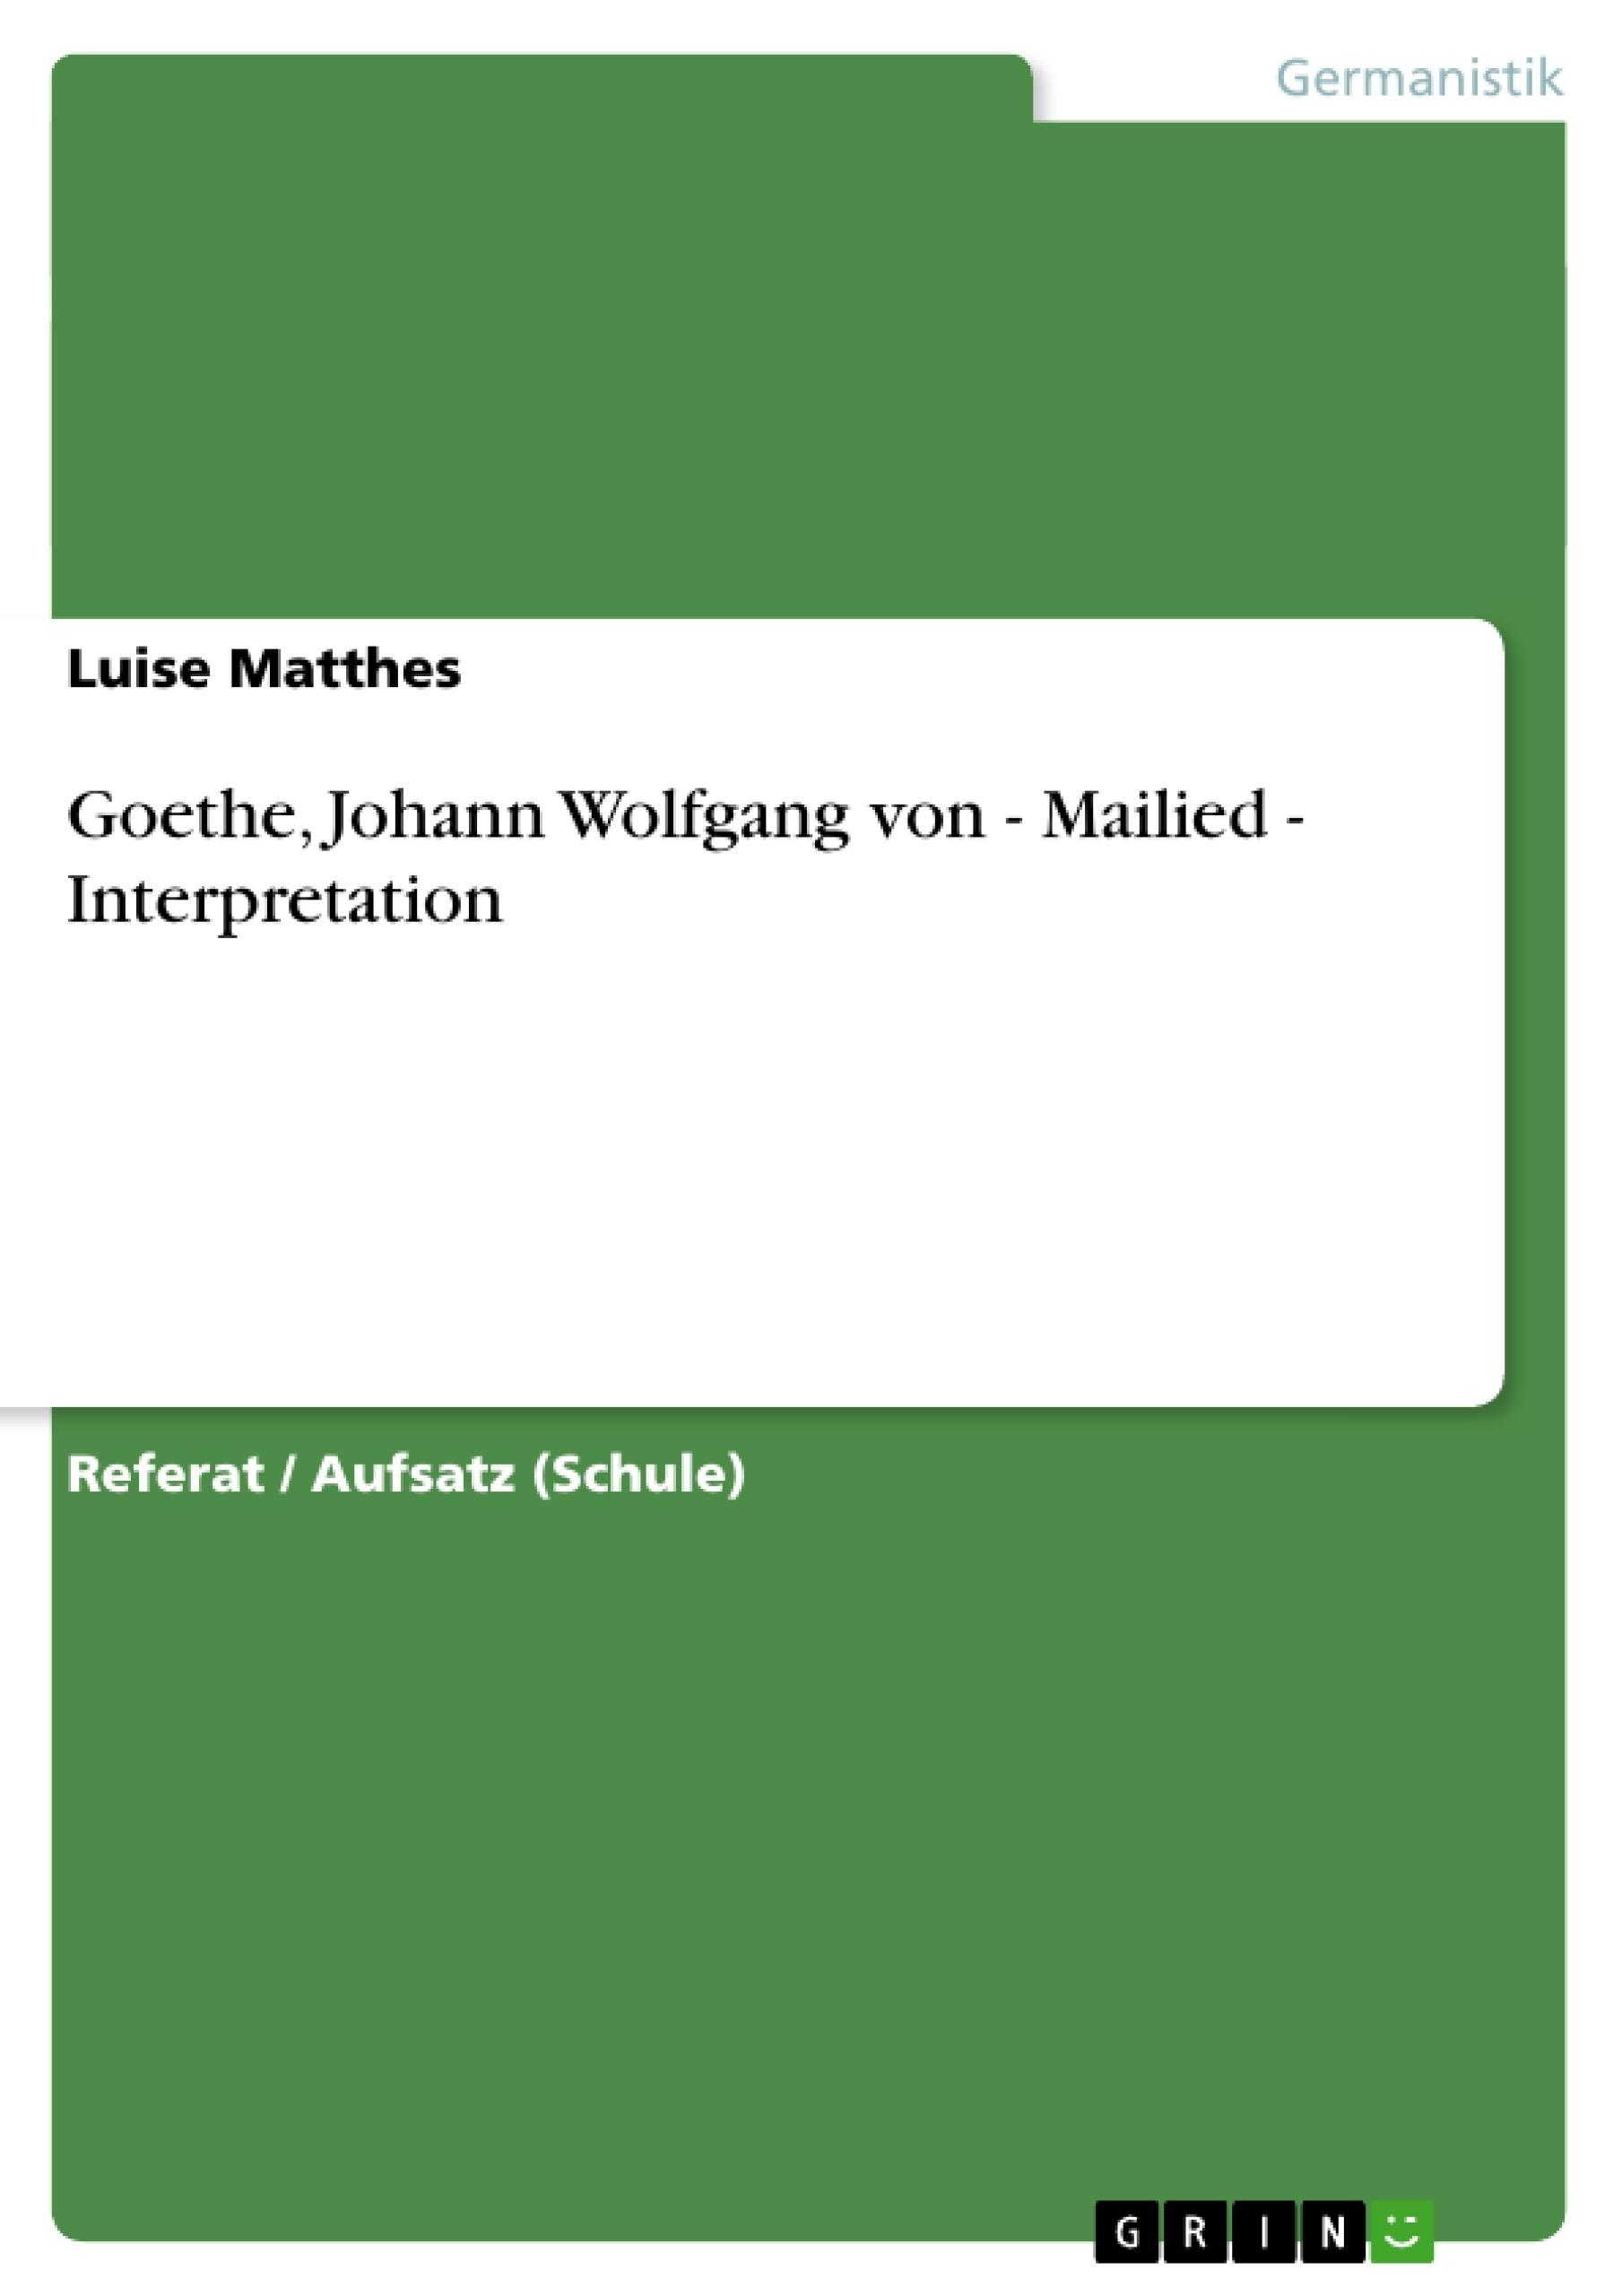 Titel: Goethe, Johann Wolfgang von - Mailied - Interpretation